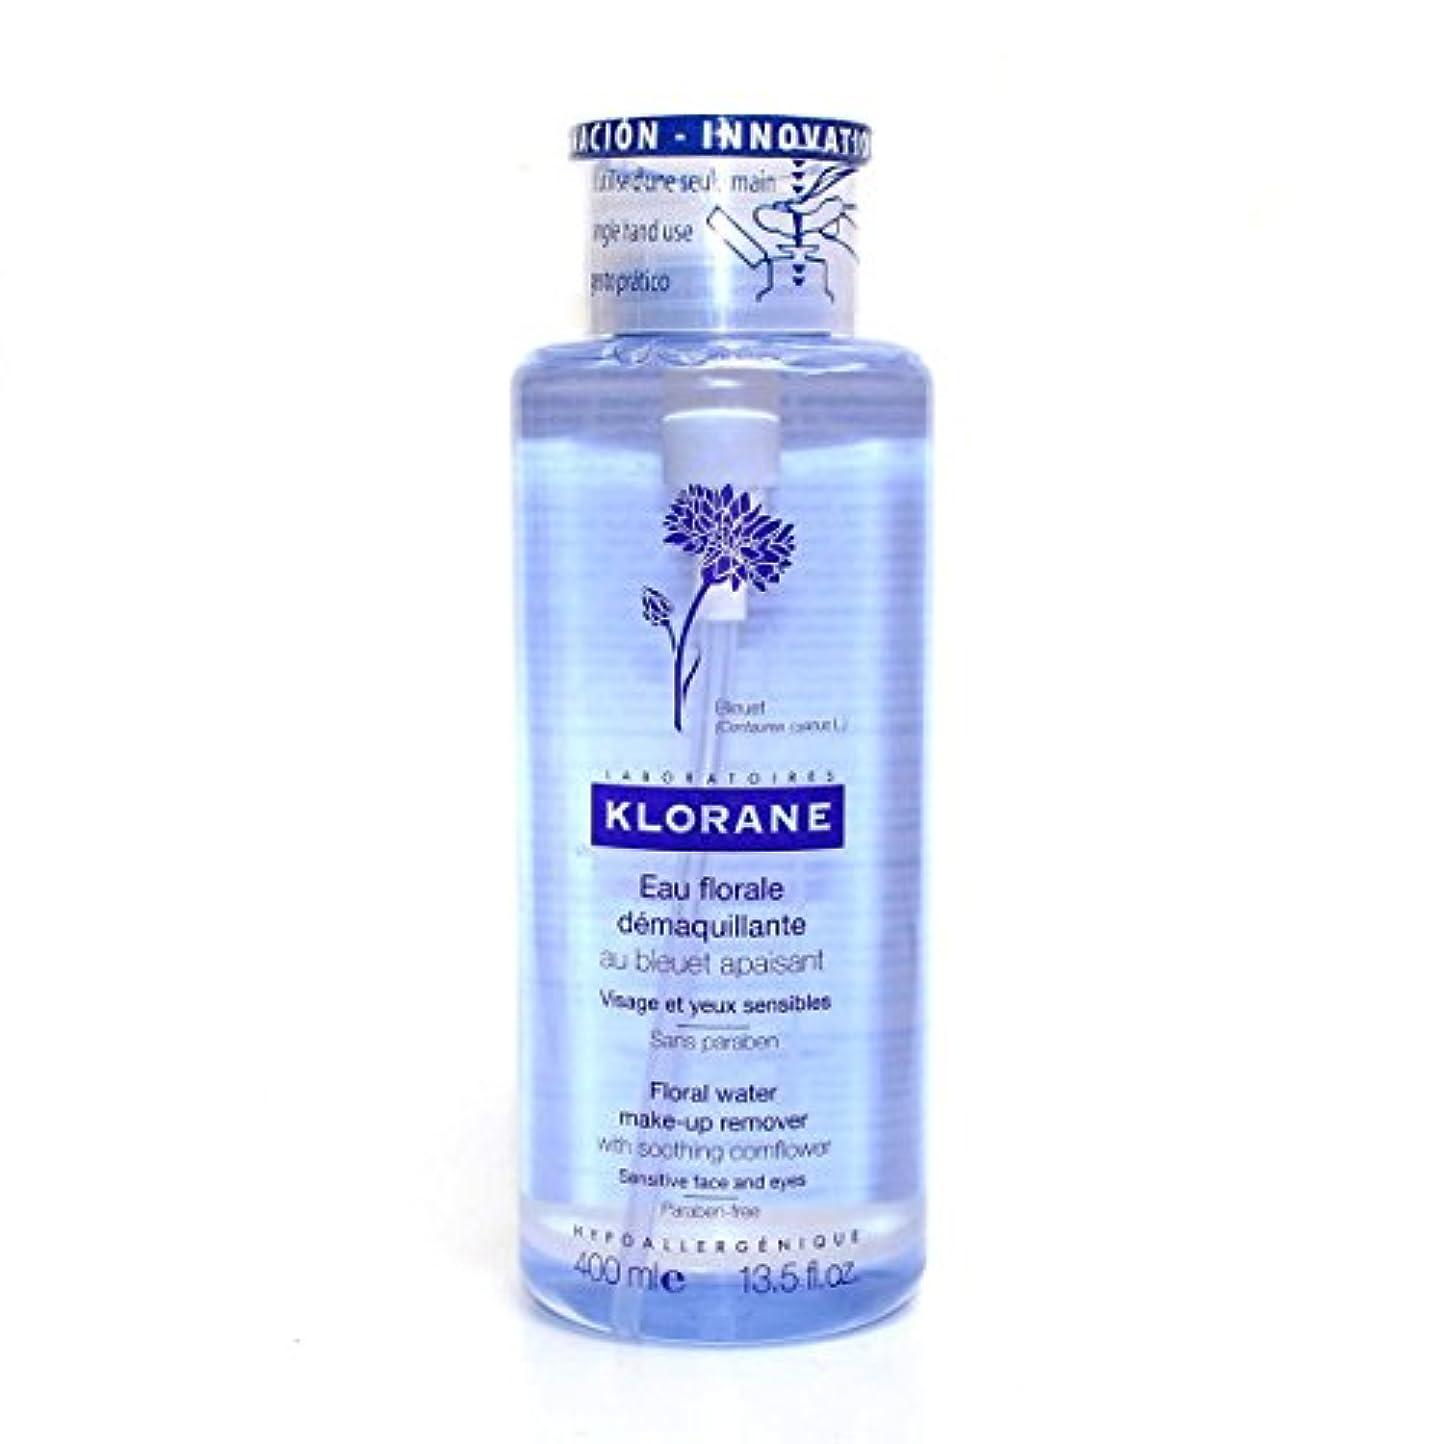 痛みスクラップブックやむを得ないKlorane Floral Water Cleanser Face And Eyes 400ml [並行輸入品]